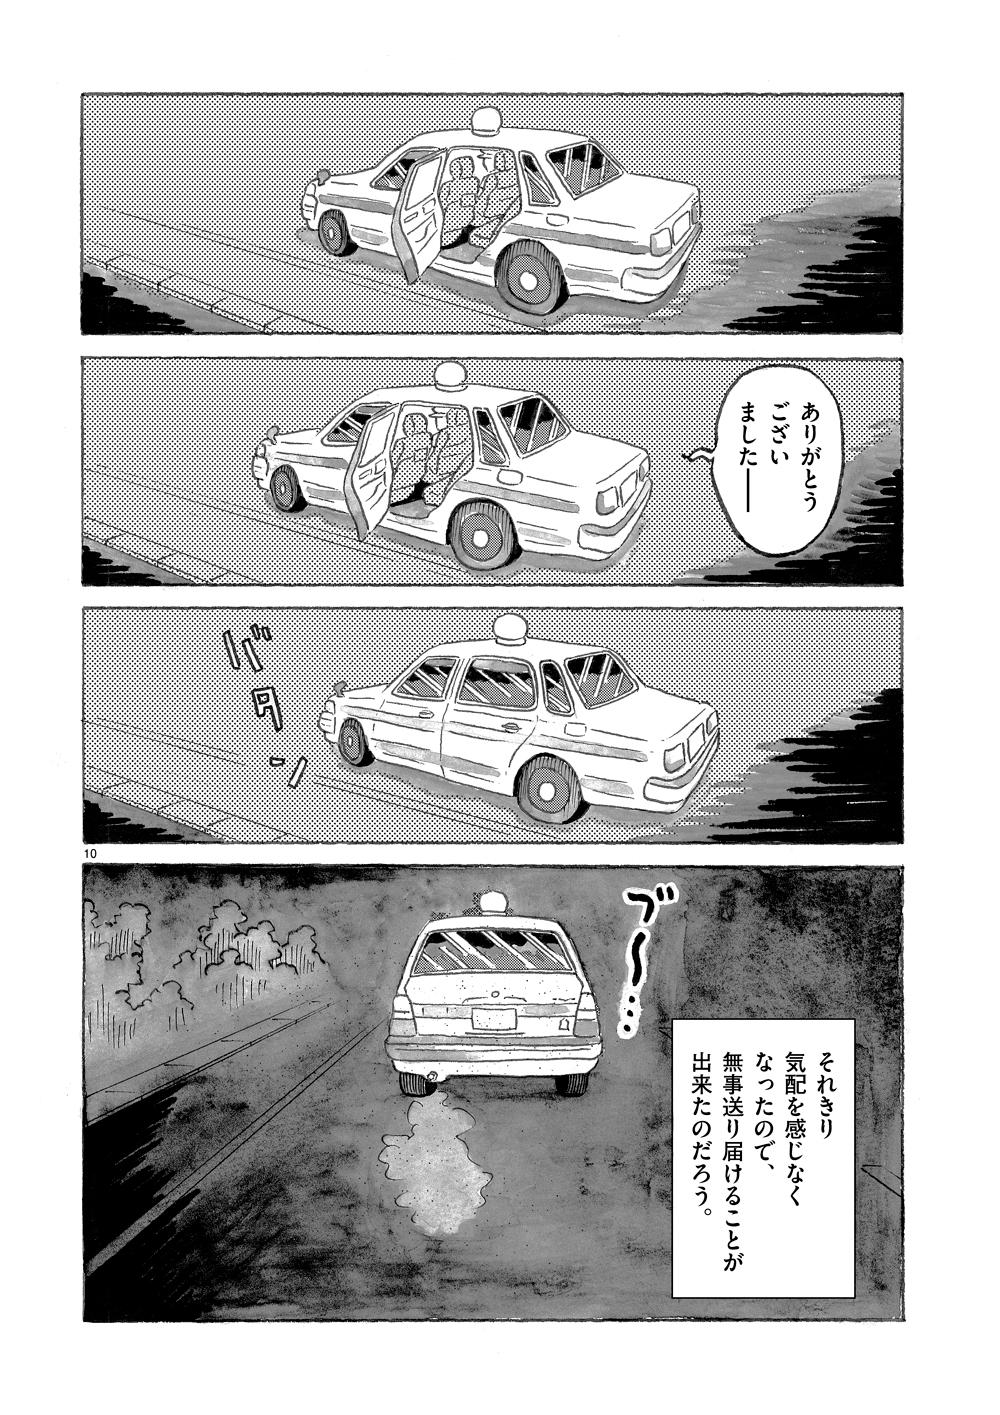 琉球怪談 【第9話】WEB掲載10ページ目画像